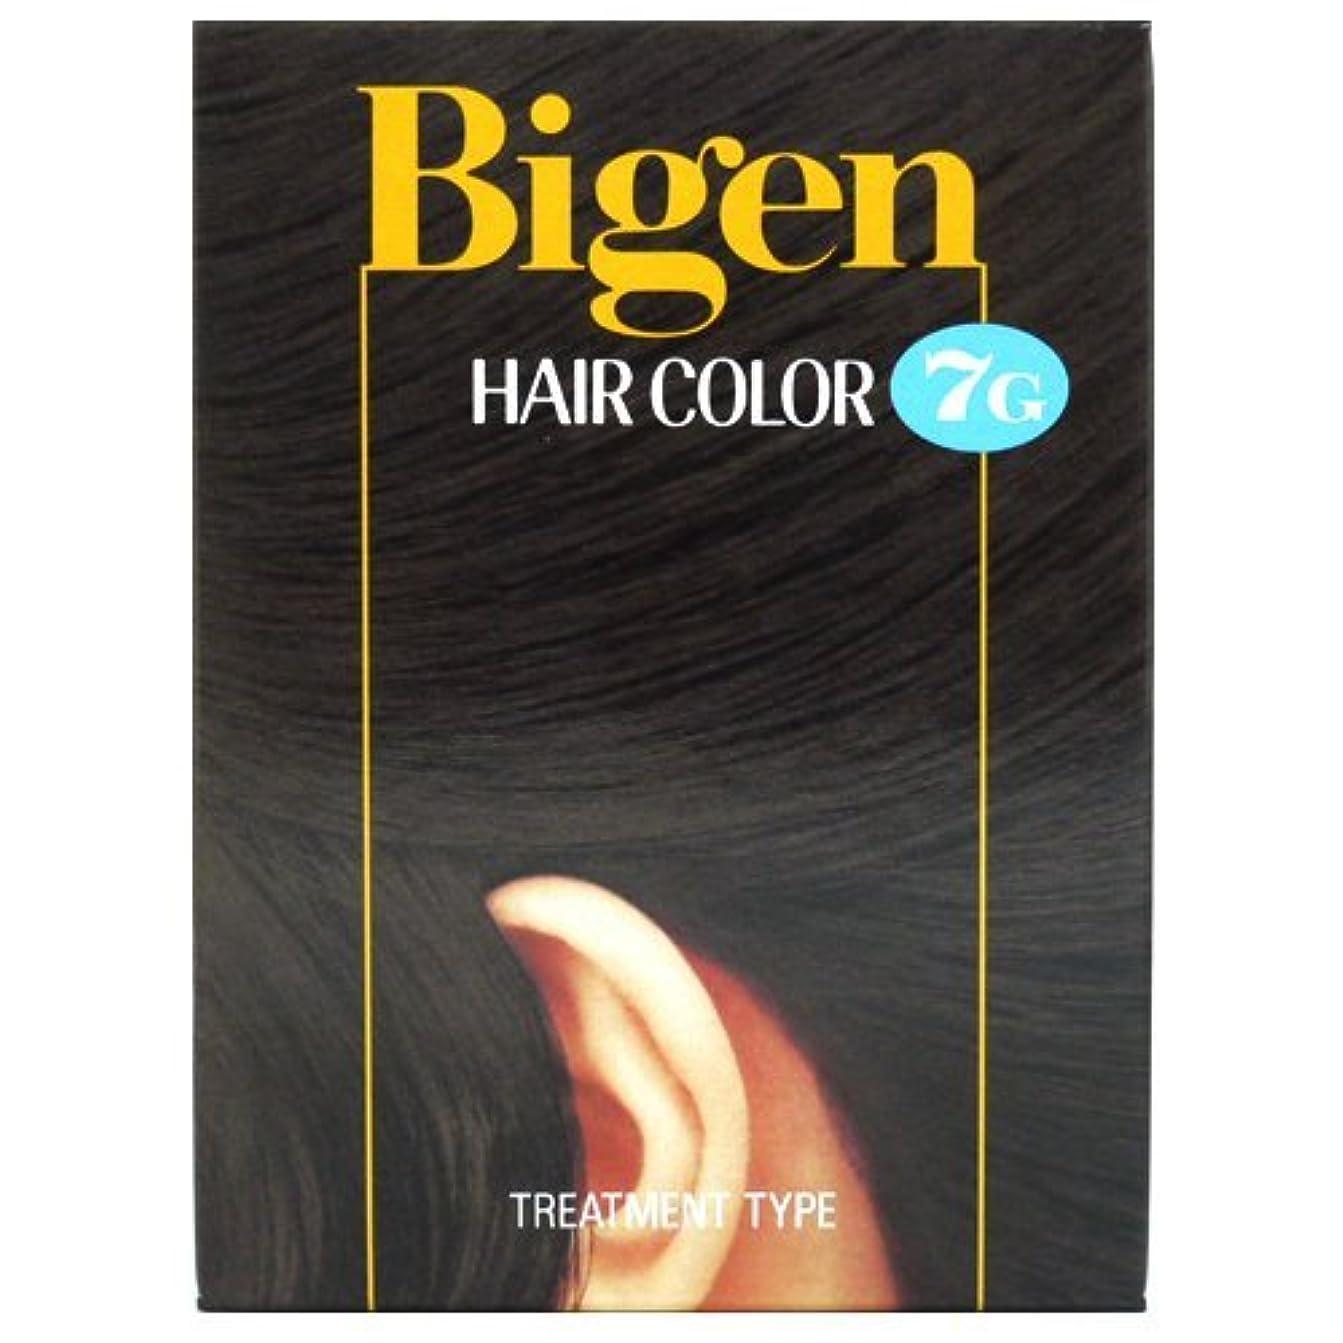 命題深めるはねかけるホーユー ビゲン ヘアカラー 【7G 自然な黒褐色】